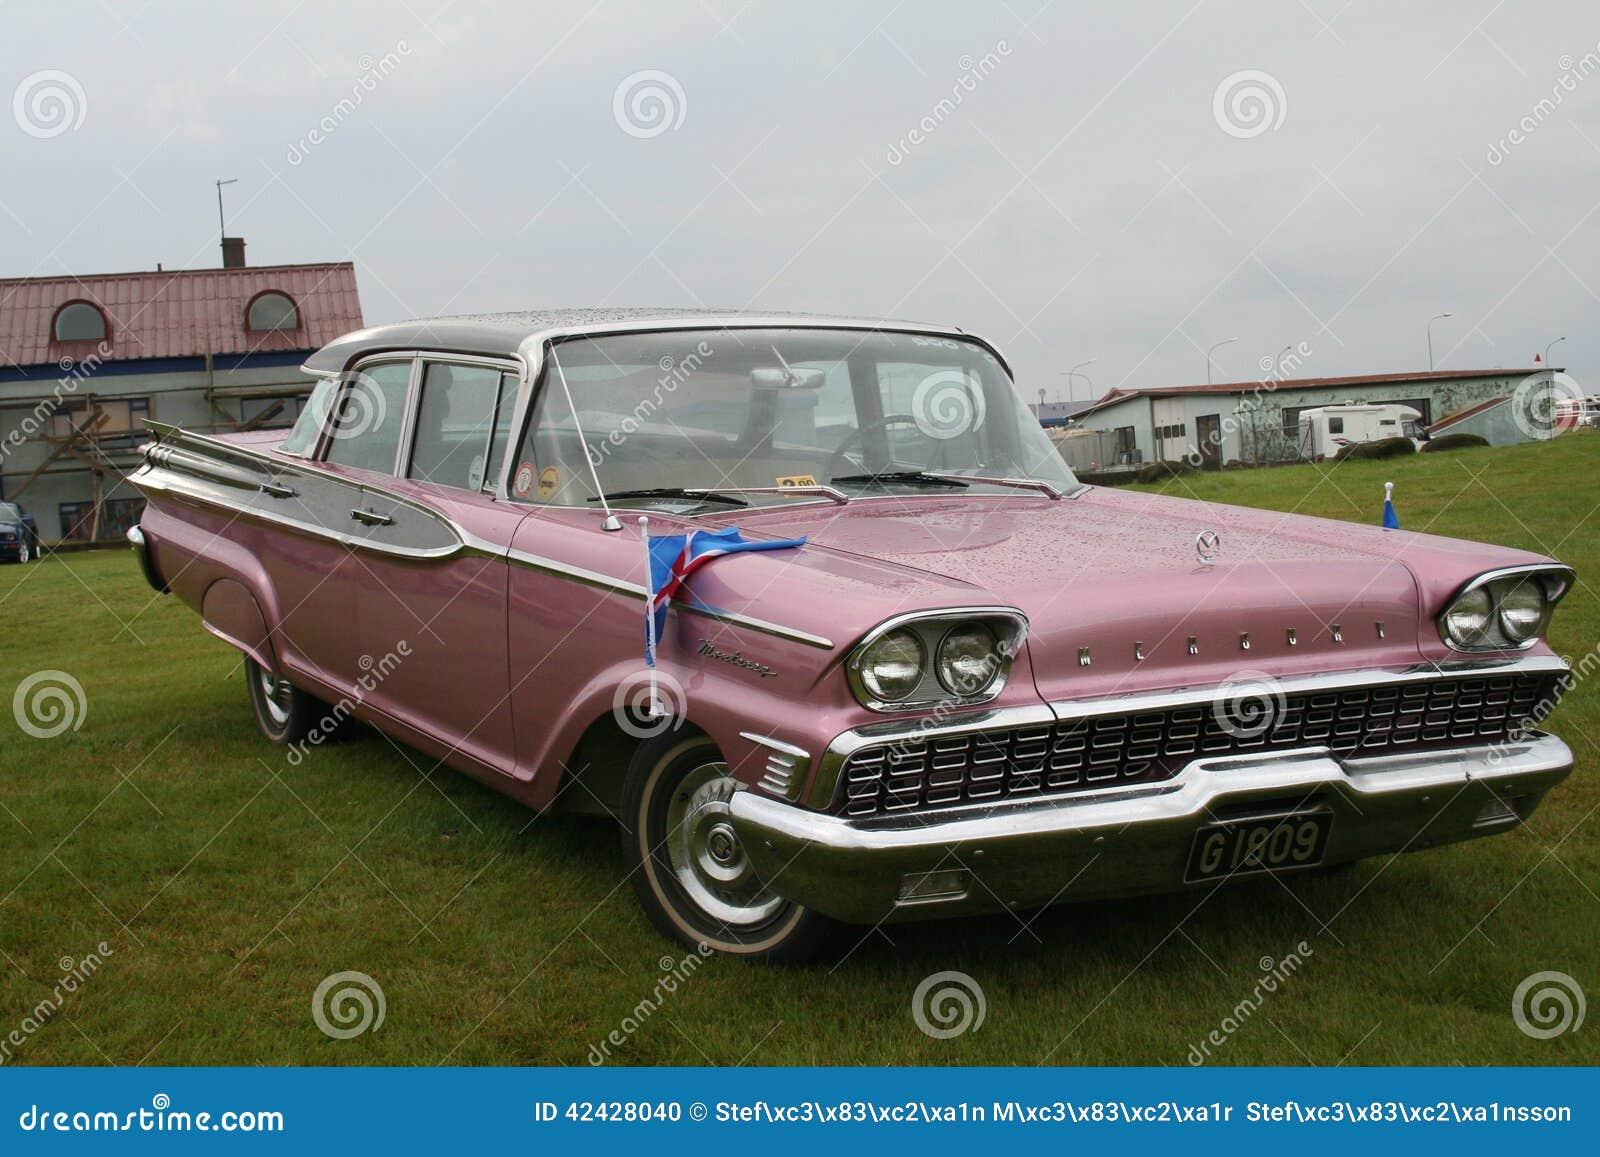 Ford Mercury 1958